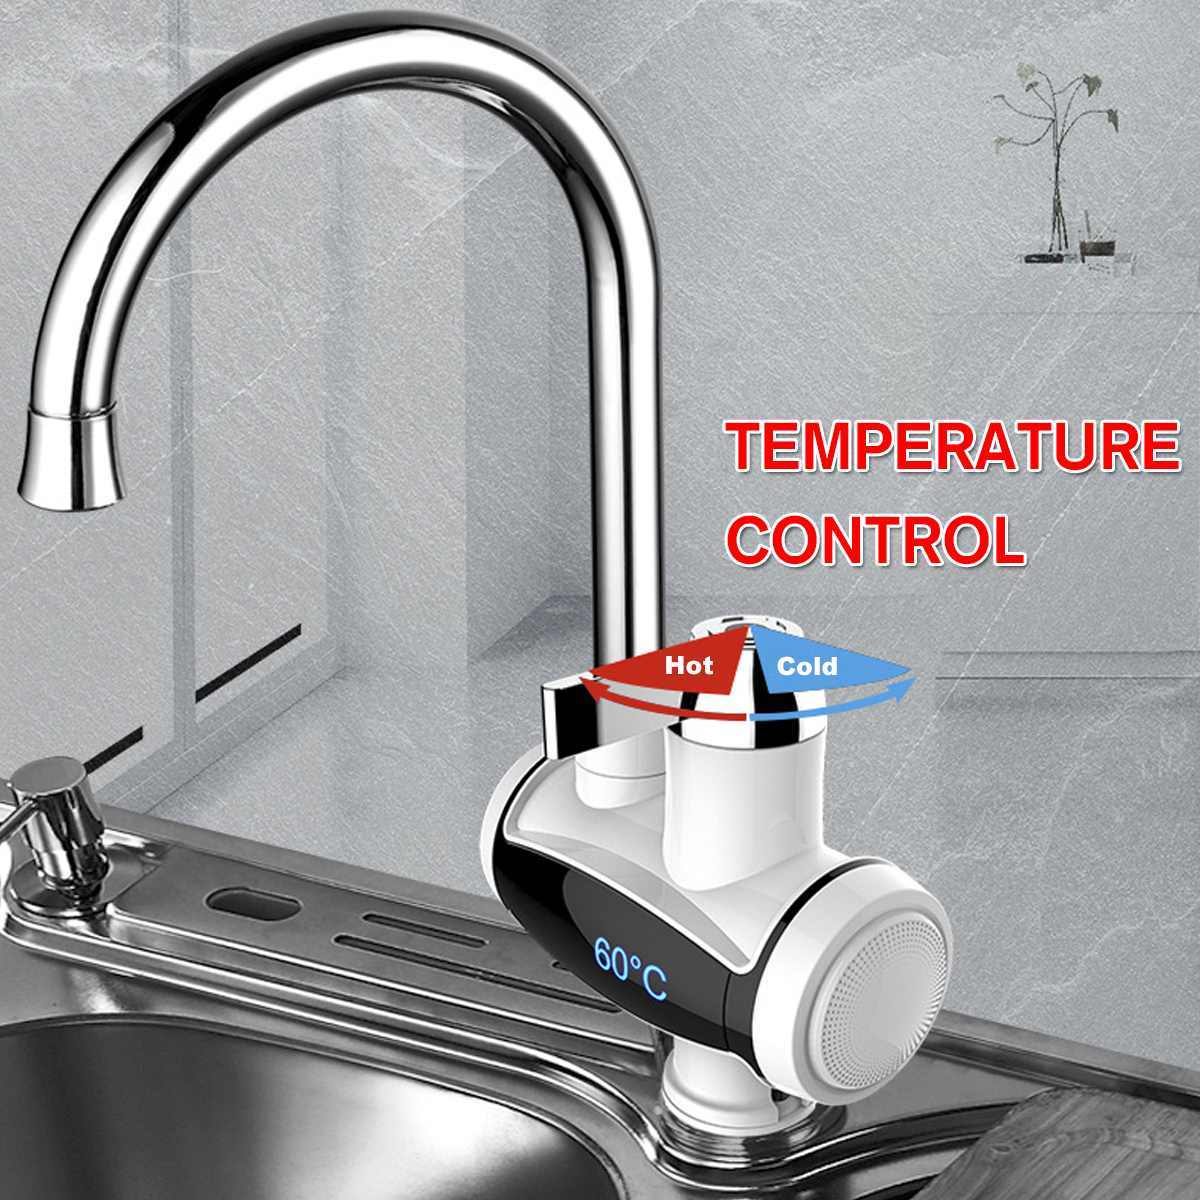 Chauffe-eau électrique instantané sans réservoir robinet cuisine 360 ° rotatif chauffage robinet chauffe-eau avec affichage de la température de LED